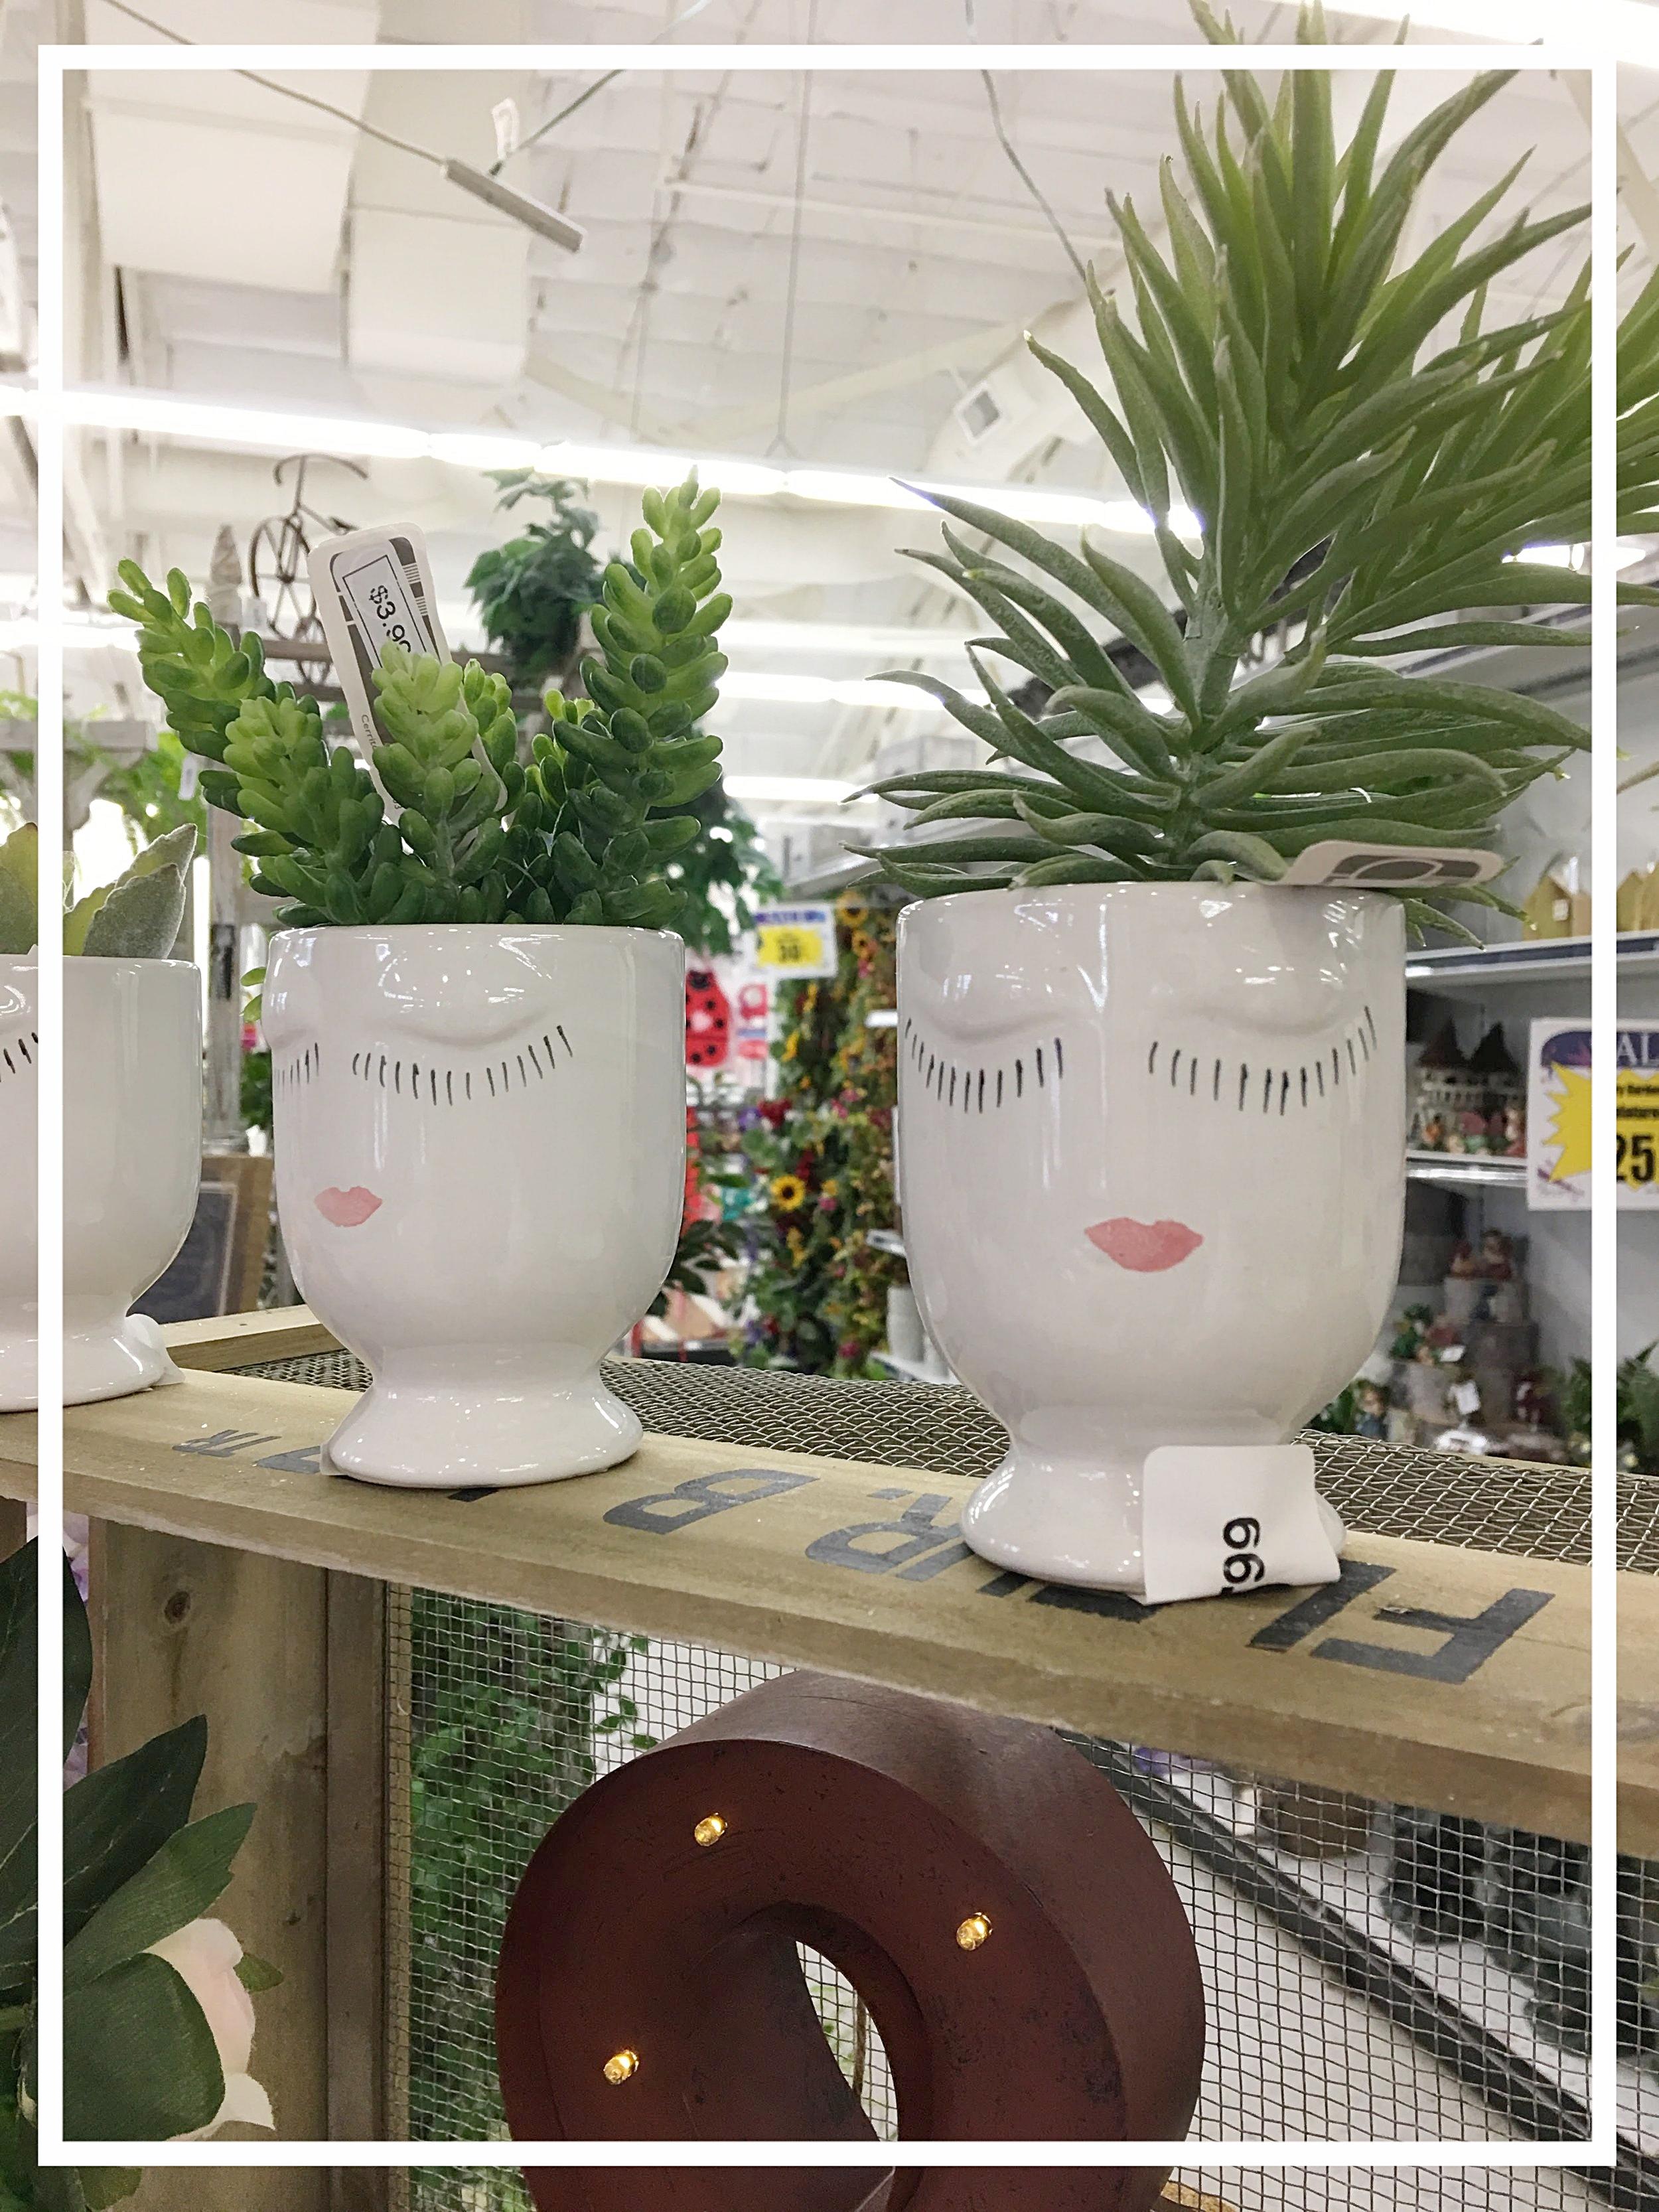 Planter-ly ladies